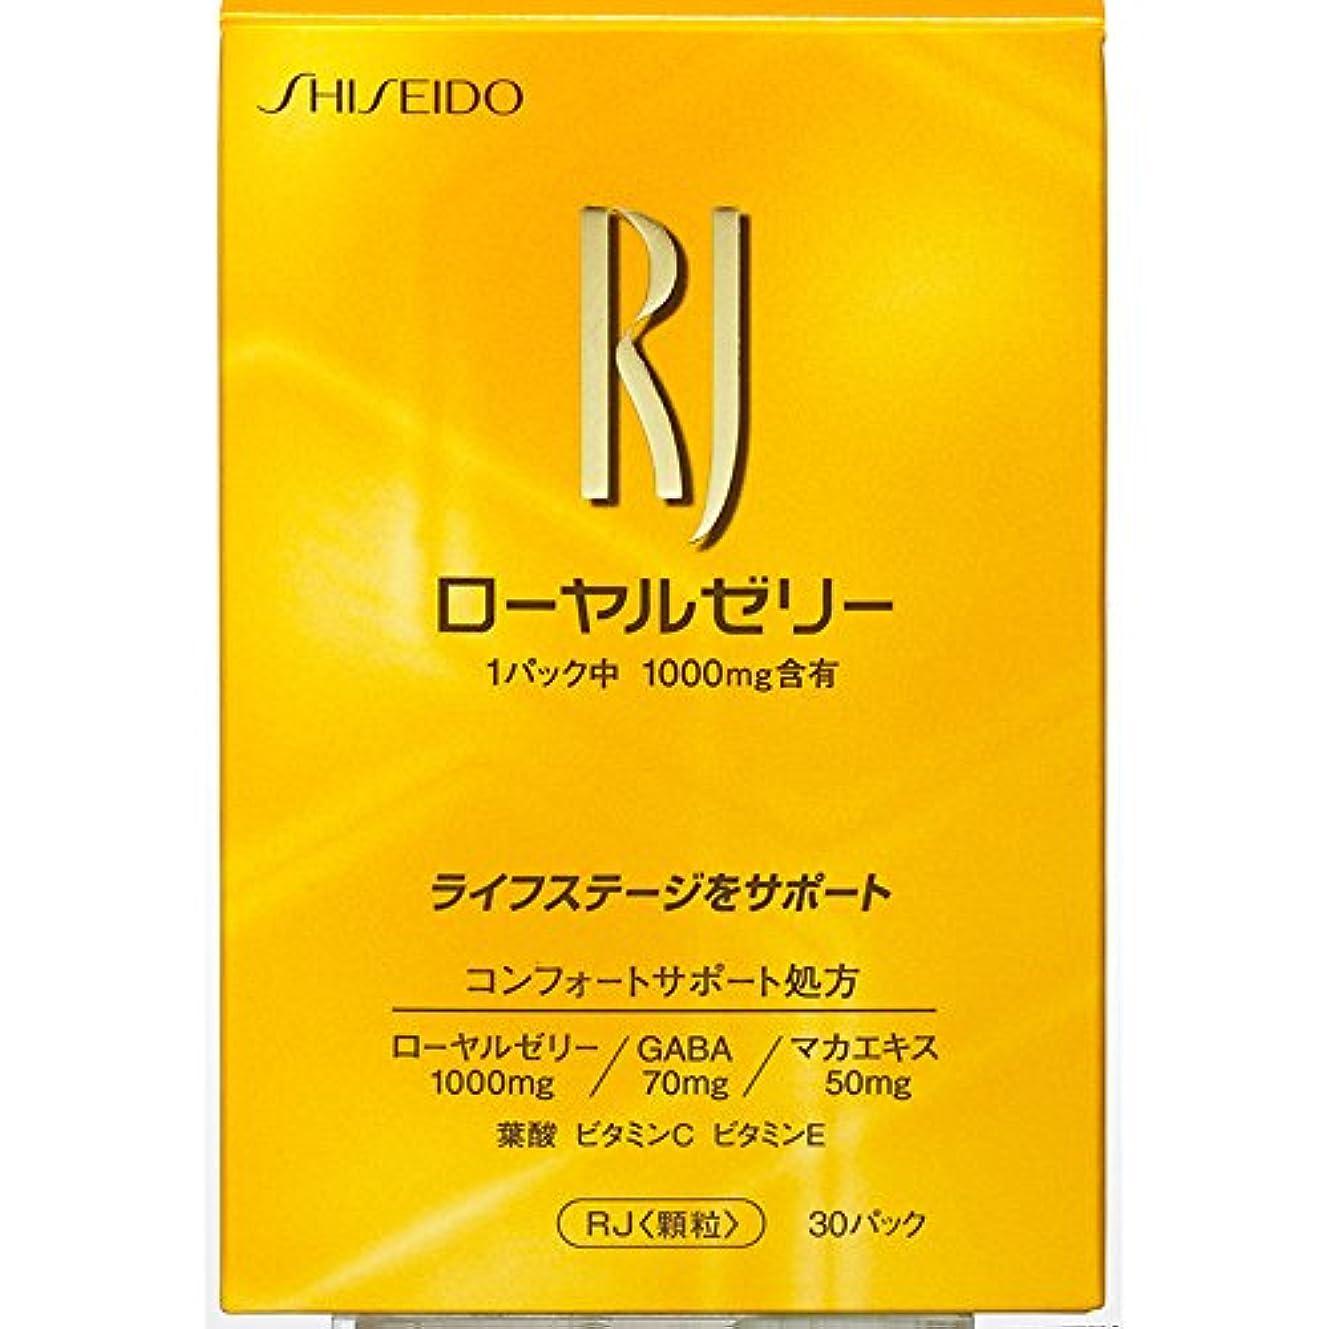 不適当妊娠した日付RJ(ローヤルゼリー) < 顆粒 > (N) 1.5gX30パック